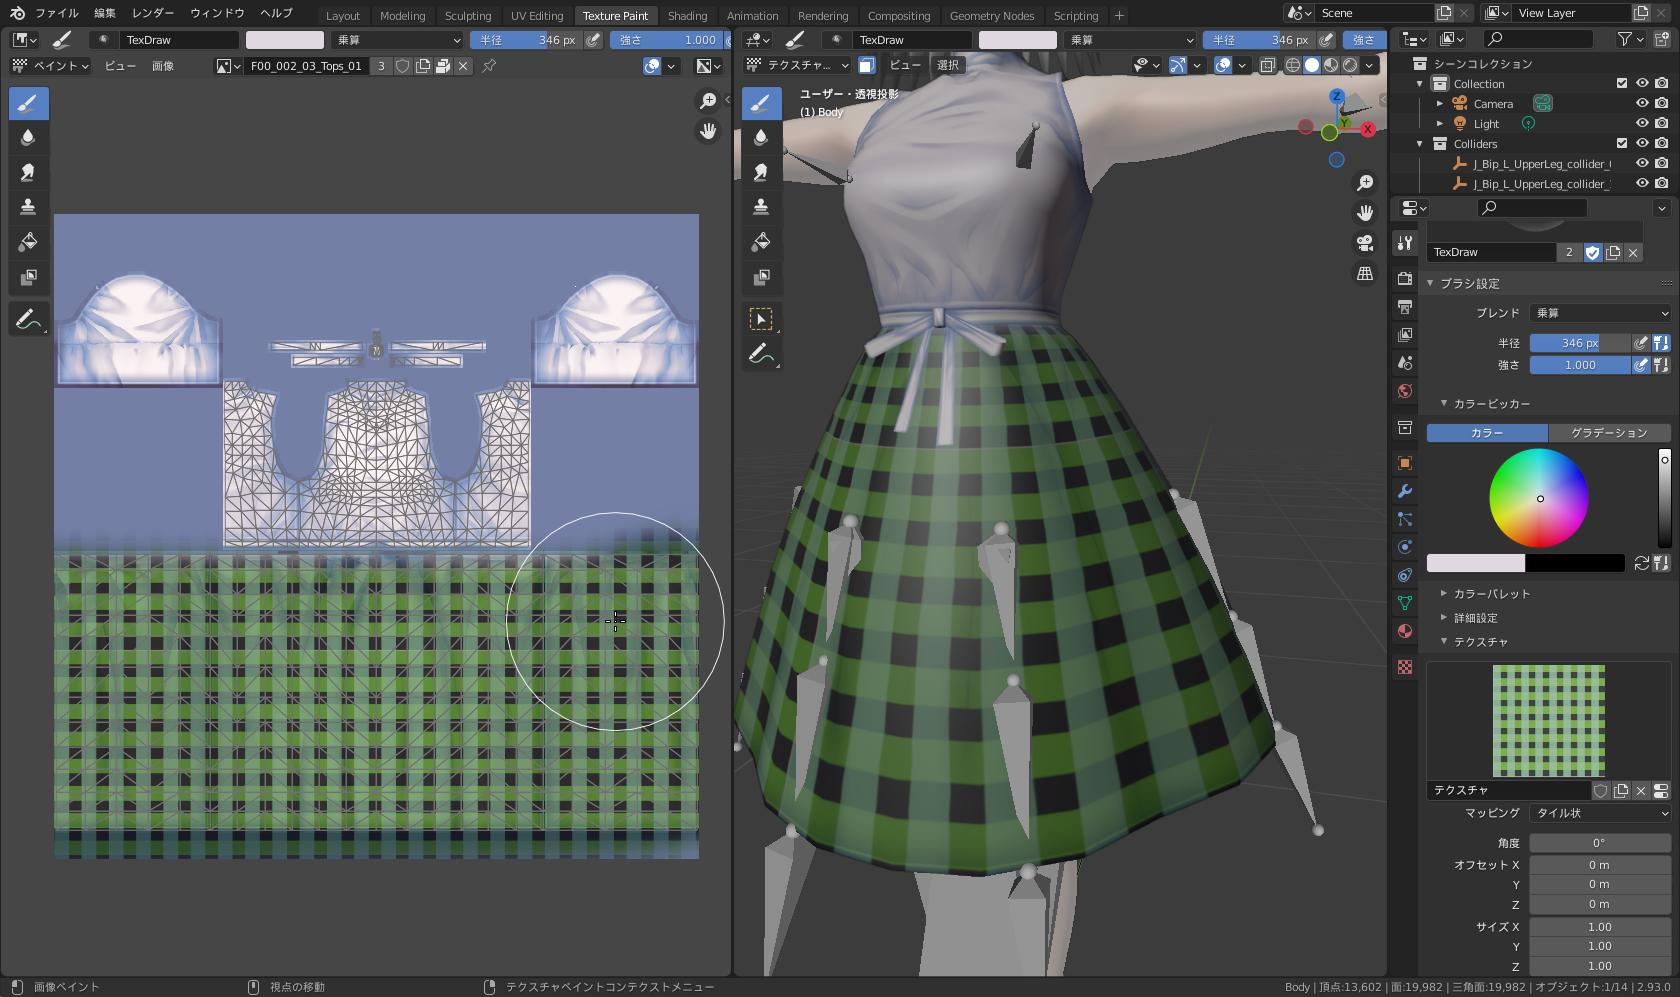 [画像エディター]でスカートの模様をペイント。失敗したら[Ctrl]+[Z]キーでやり直しちゃいましょう